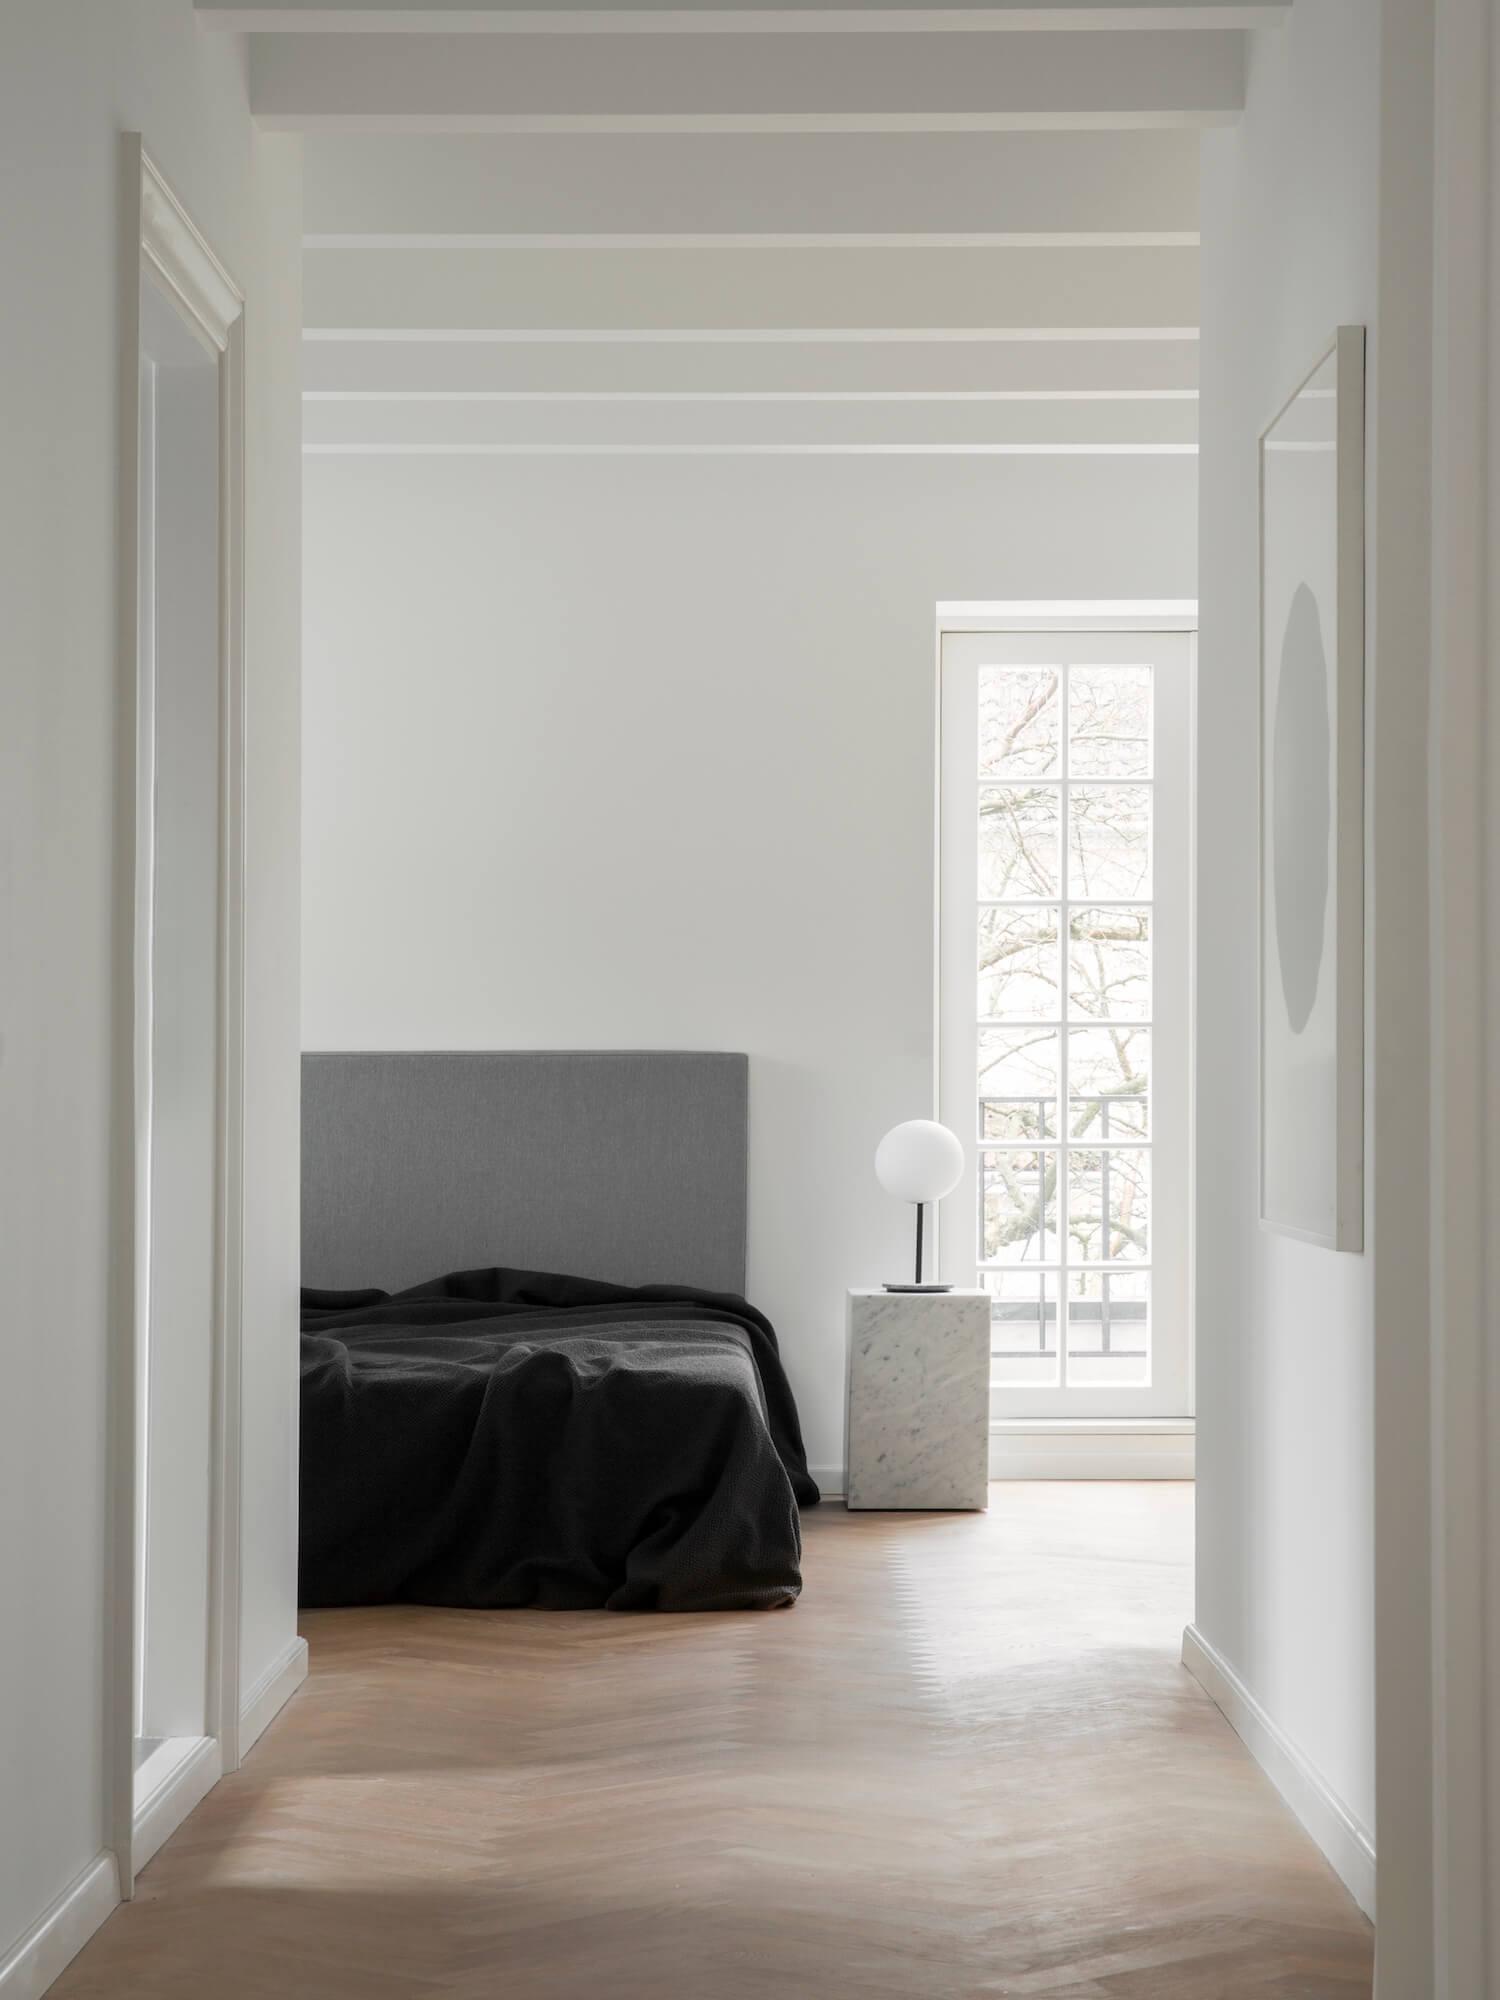 est living copenhagen apartment norm architects 13